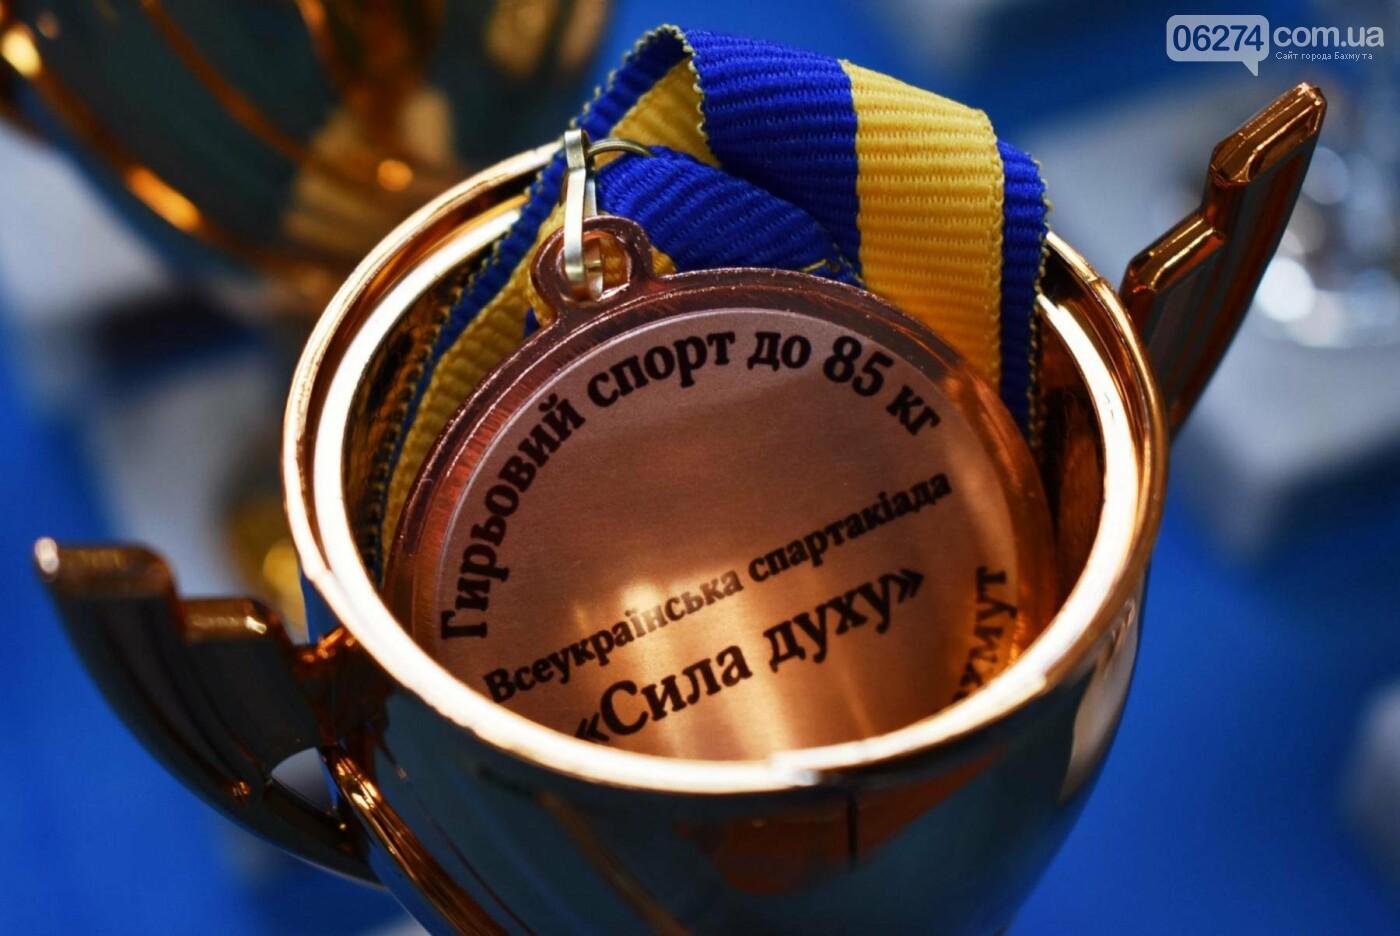 Бахмут четвертый раз принял всеукраинскую спартакиаду «Сила духа», фото-2